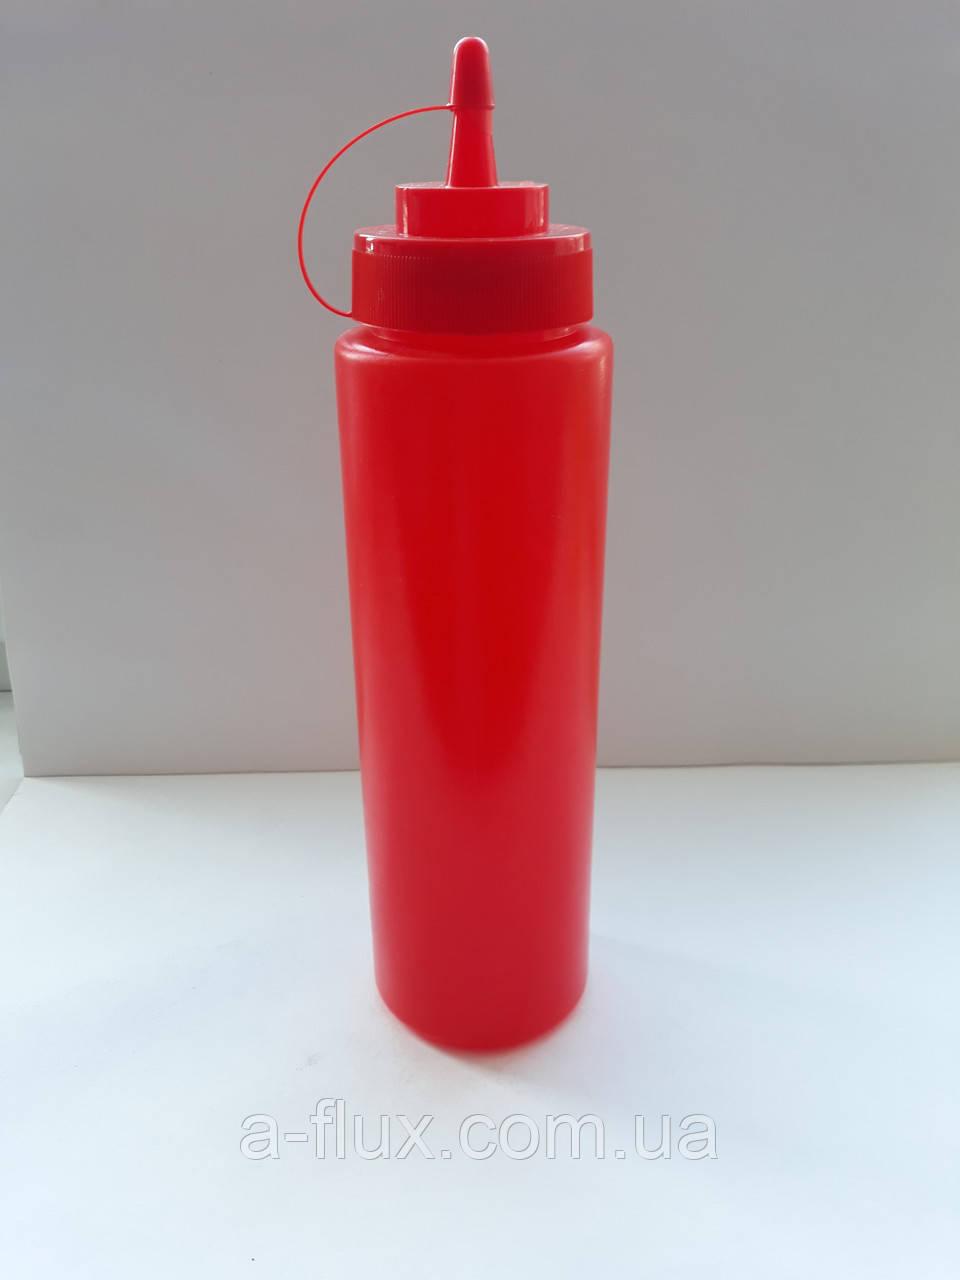 Бутылка для 700мл соусов и сиропов КРАСНАЯ  7080